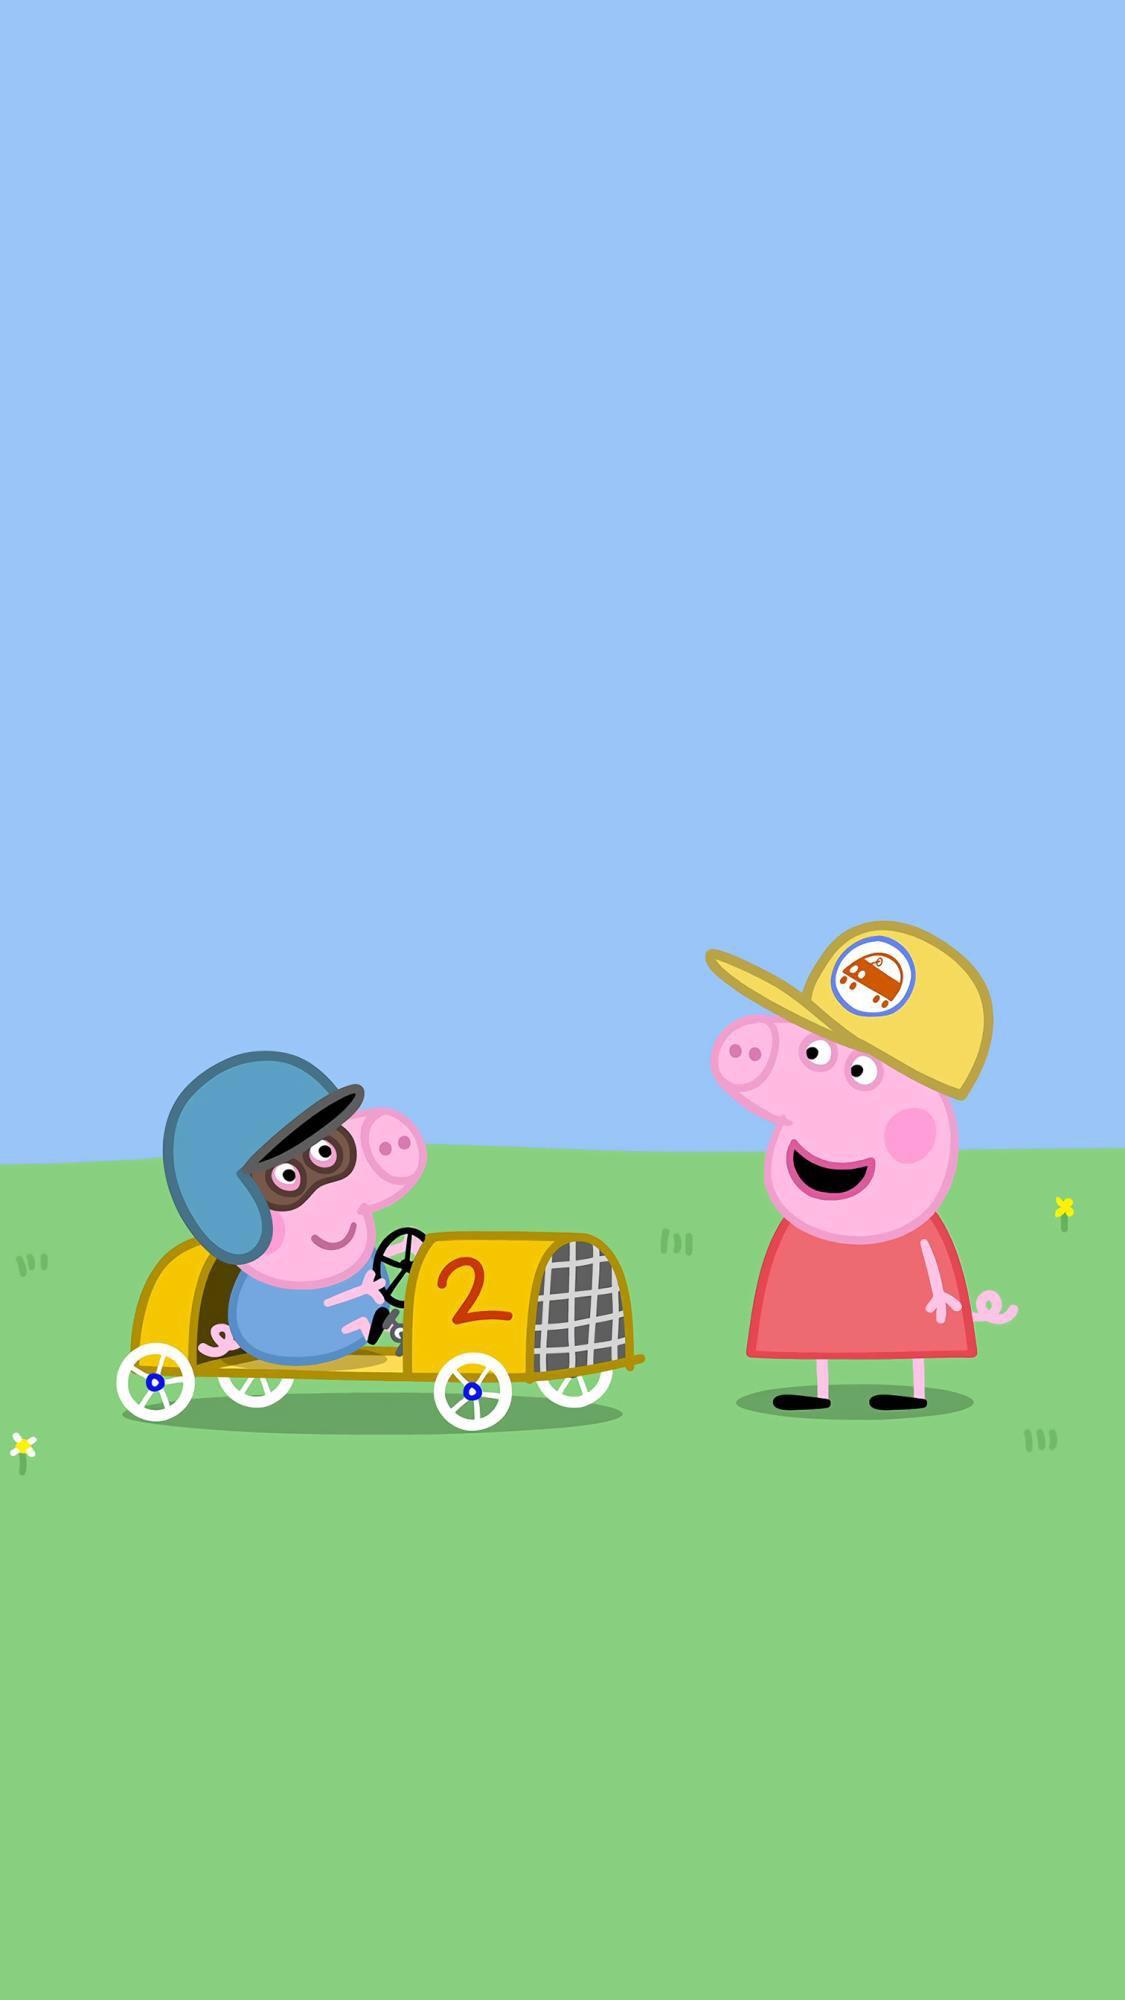 情头可爱ins风搞怪动漫卡通无水印搞笑    ?卡通壁纸,小猪佩奇壁纸